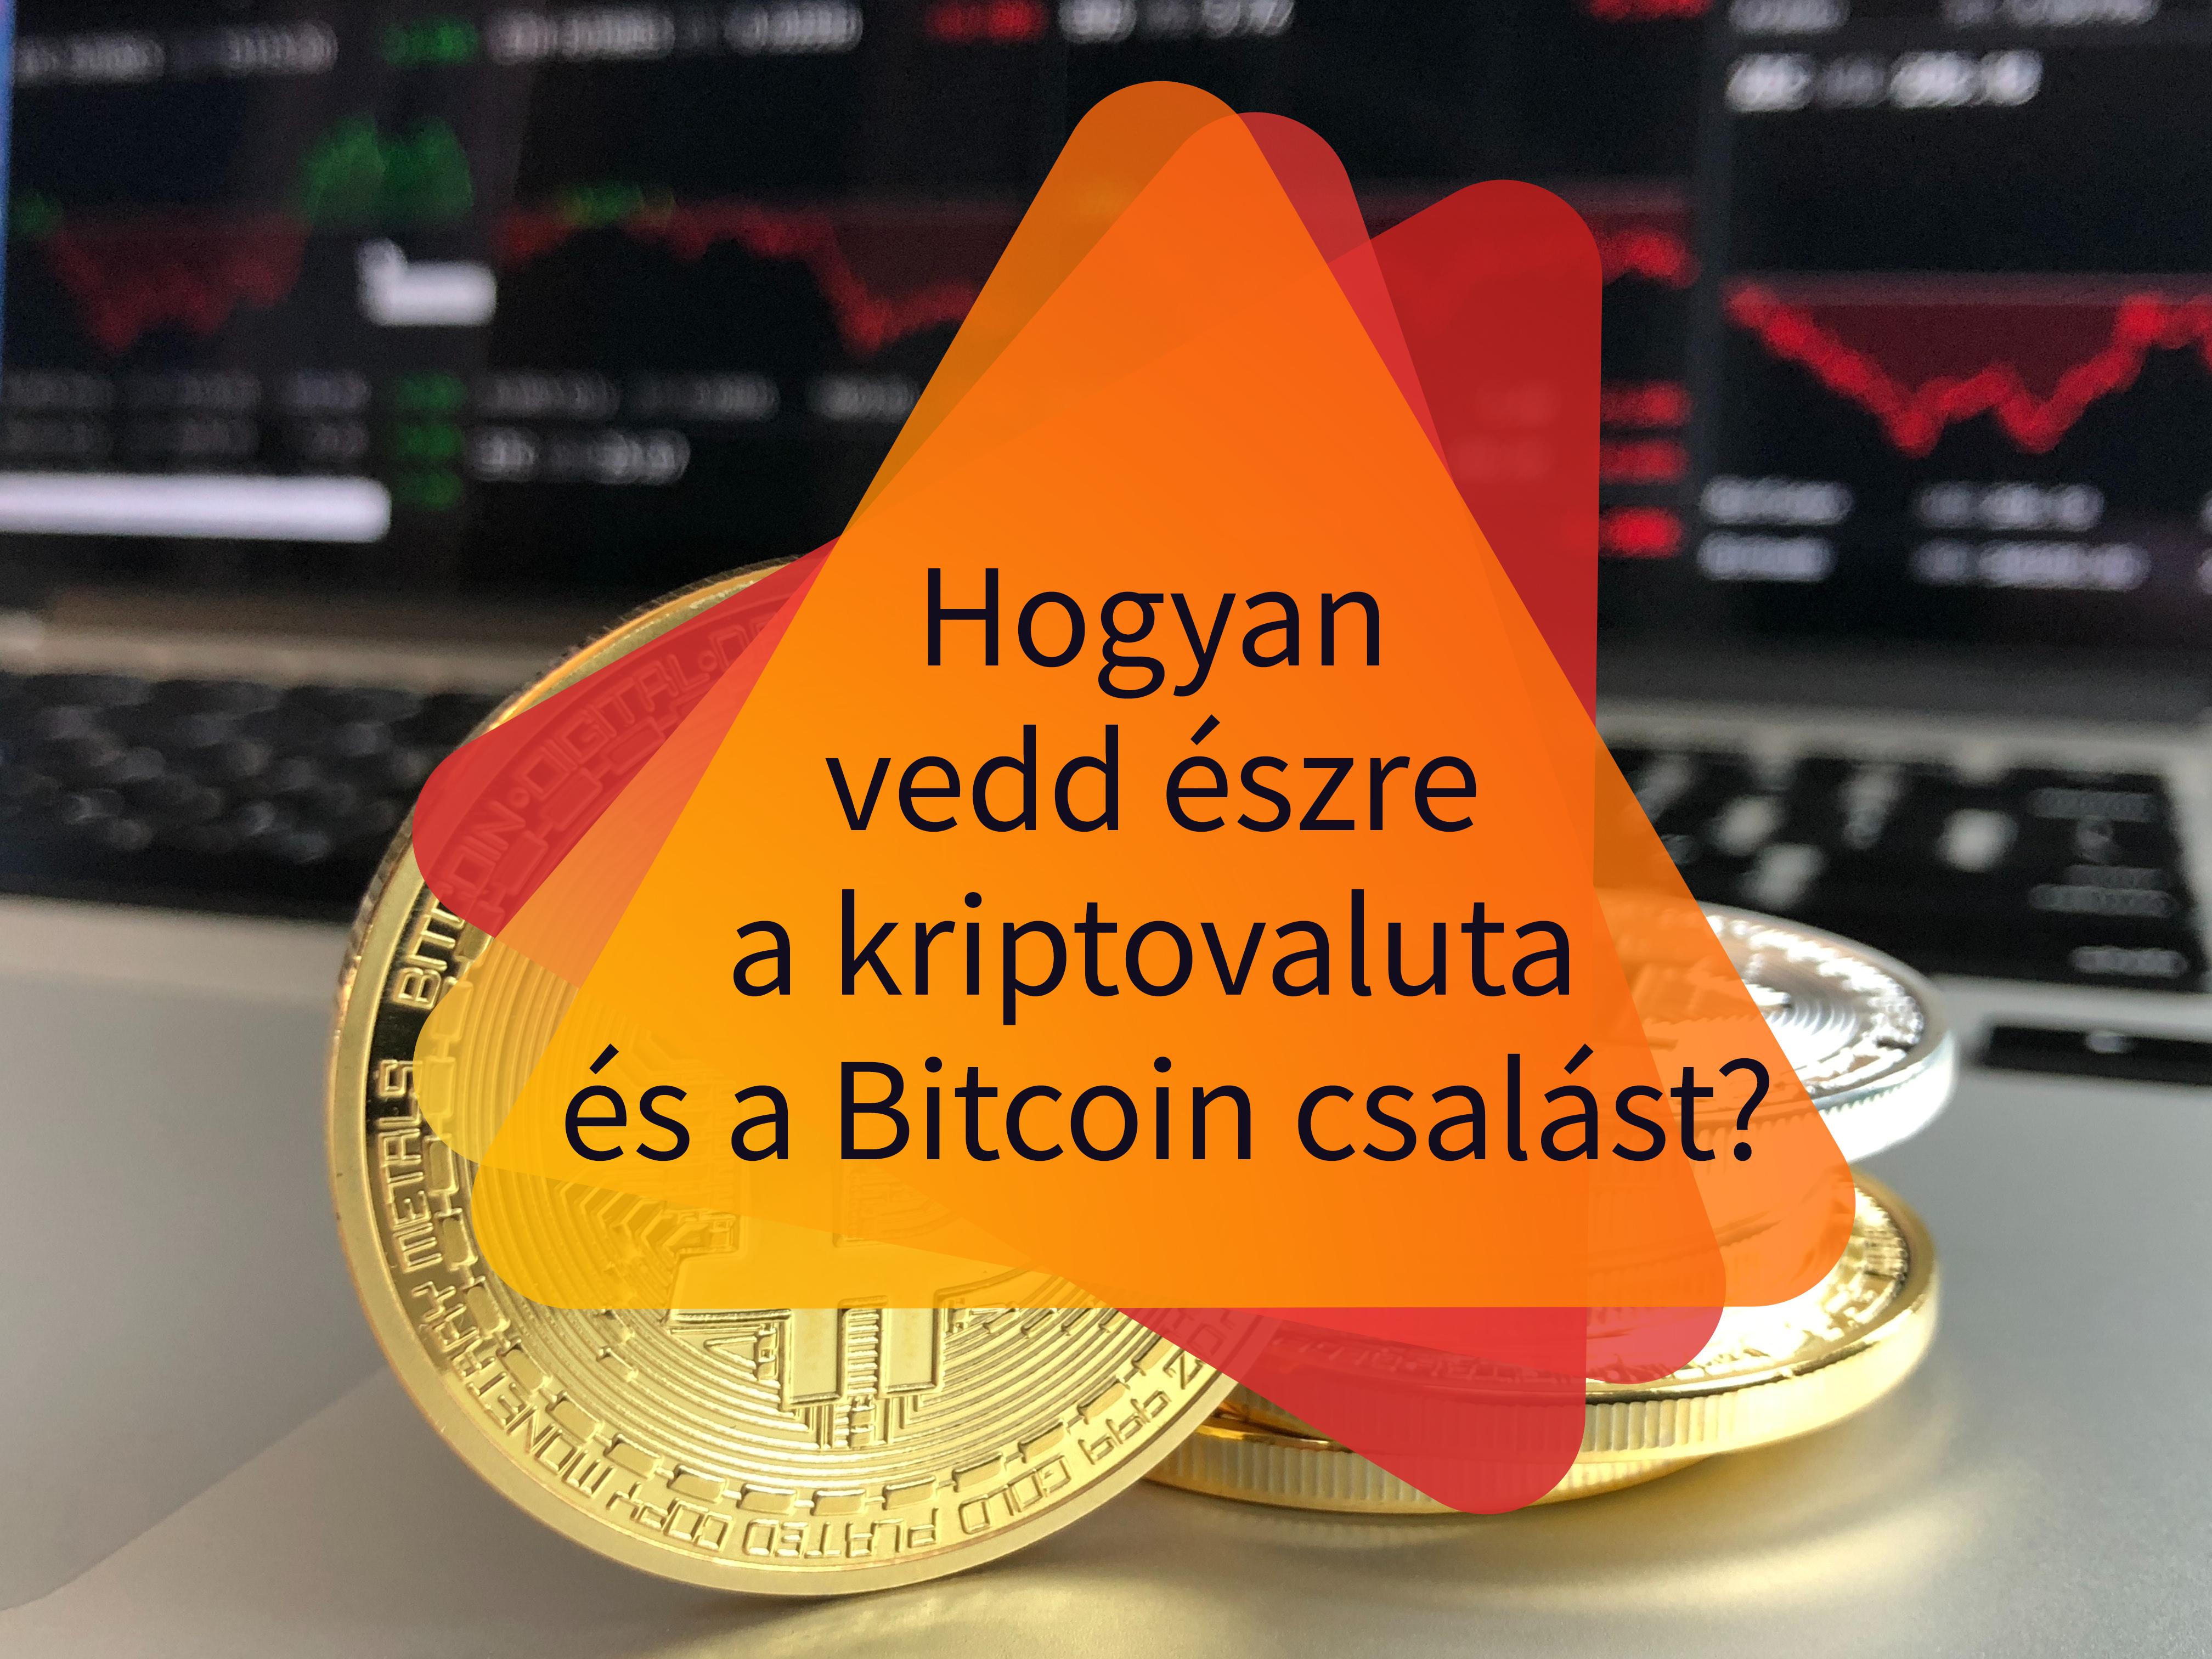 Internetes befektetés csalás Bitcoin csalás kripotvaluta csalás